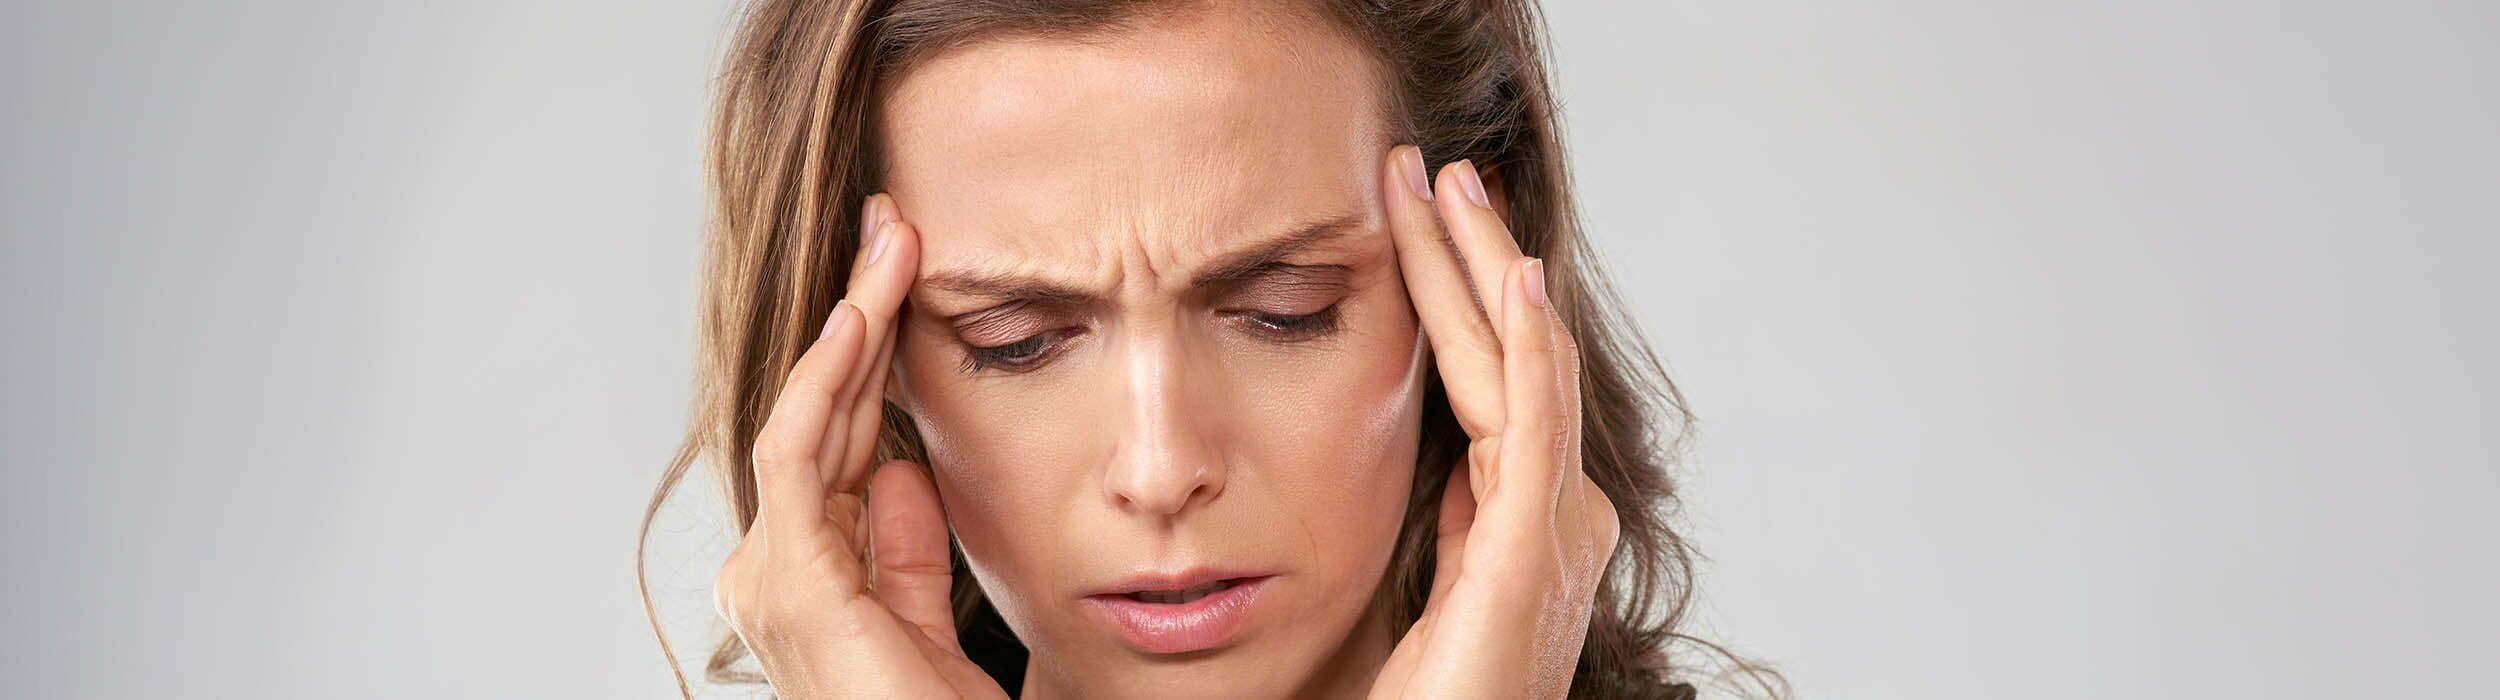 durere cap chiromedica wide